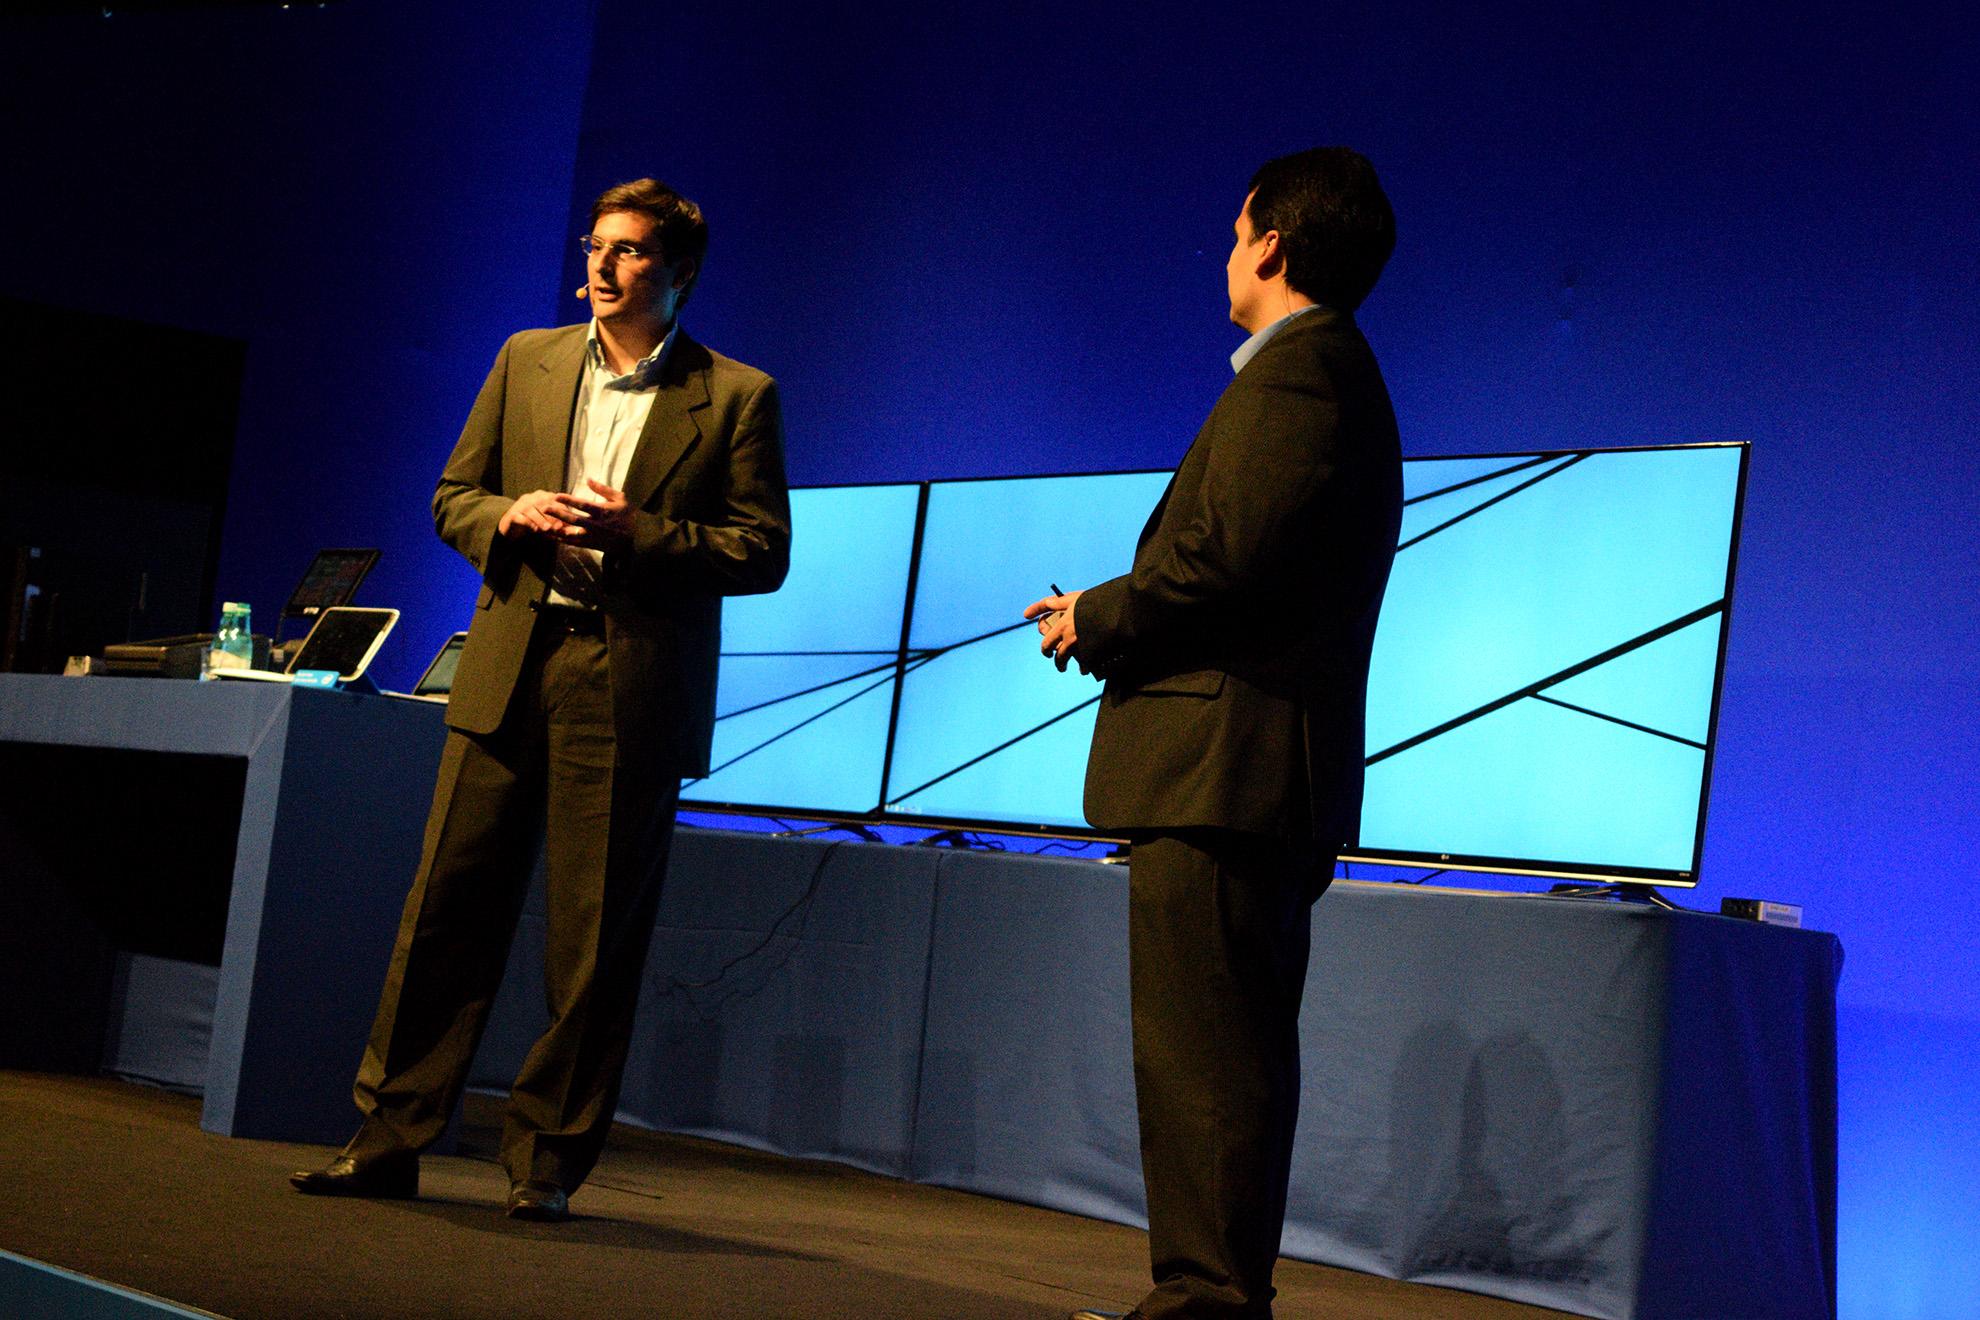 Presença e aposta no Brasil são temas de palestras na Intel Innovation Week